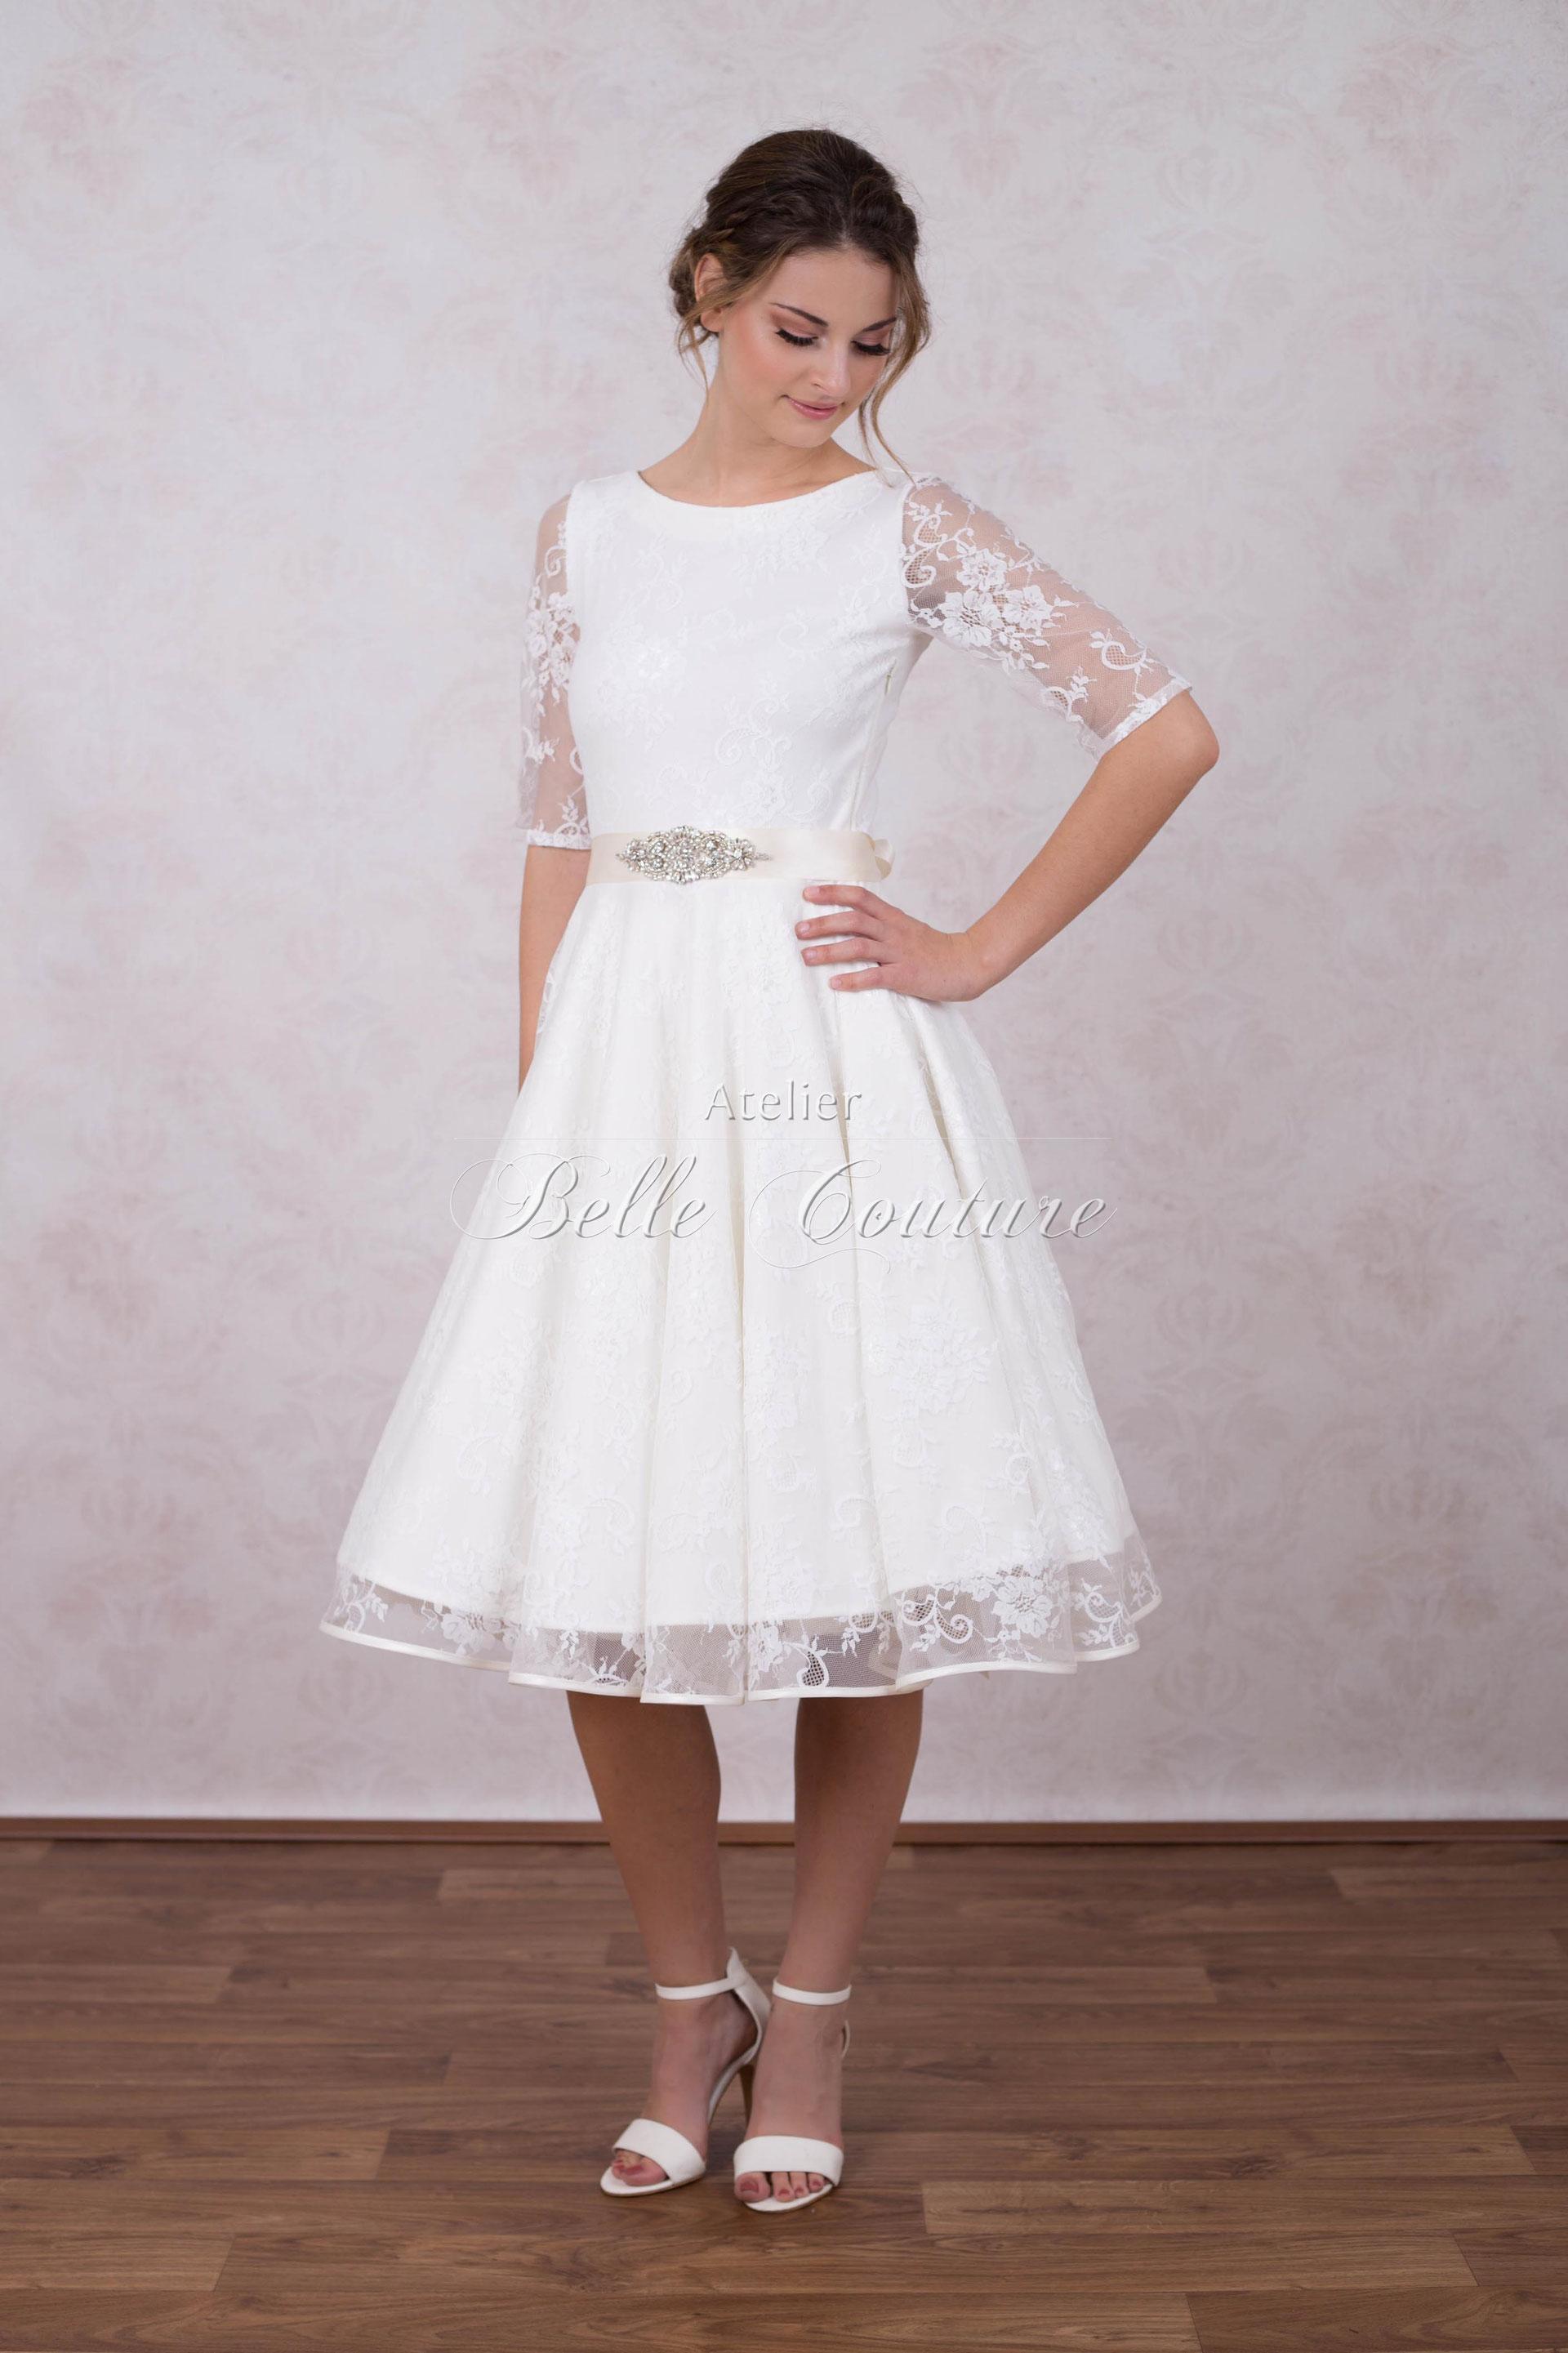 Fantastisch Stil Der 1950er Jahre Brautkleider Ideen - Hochzeit ...